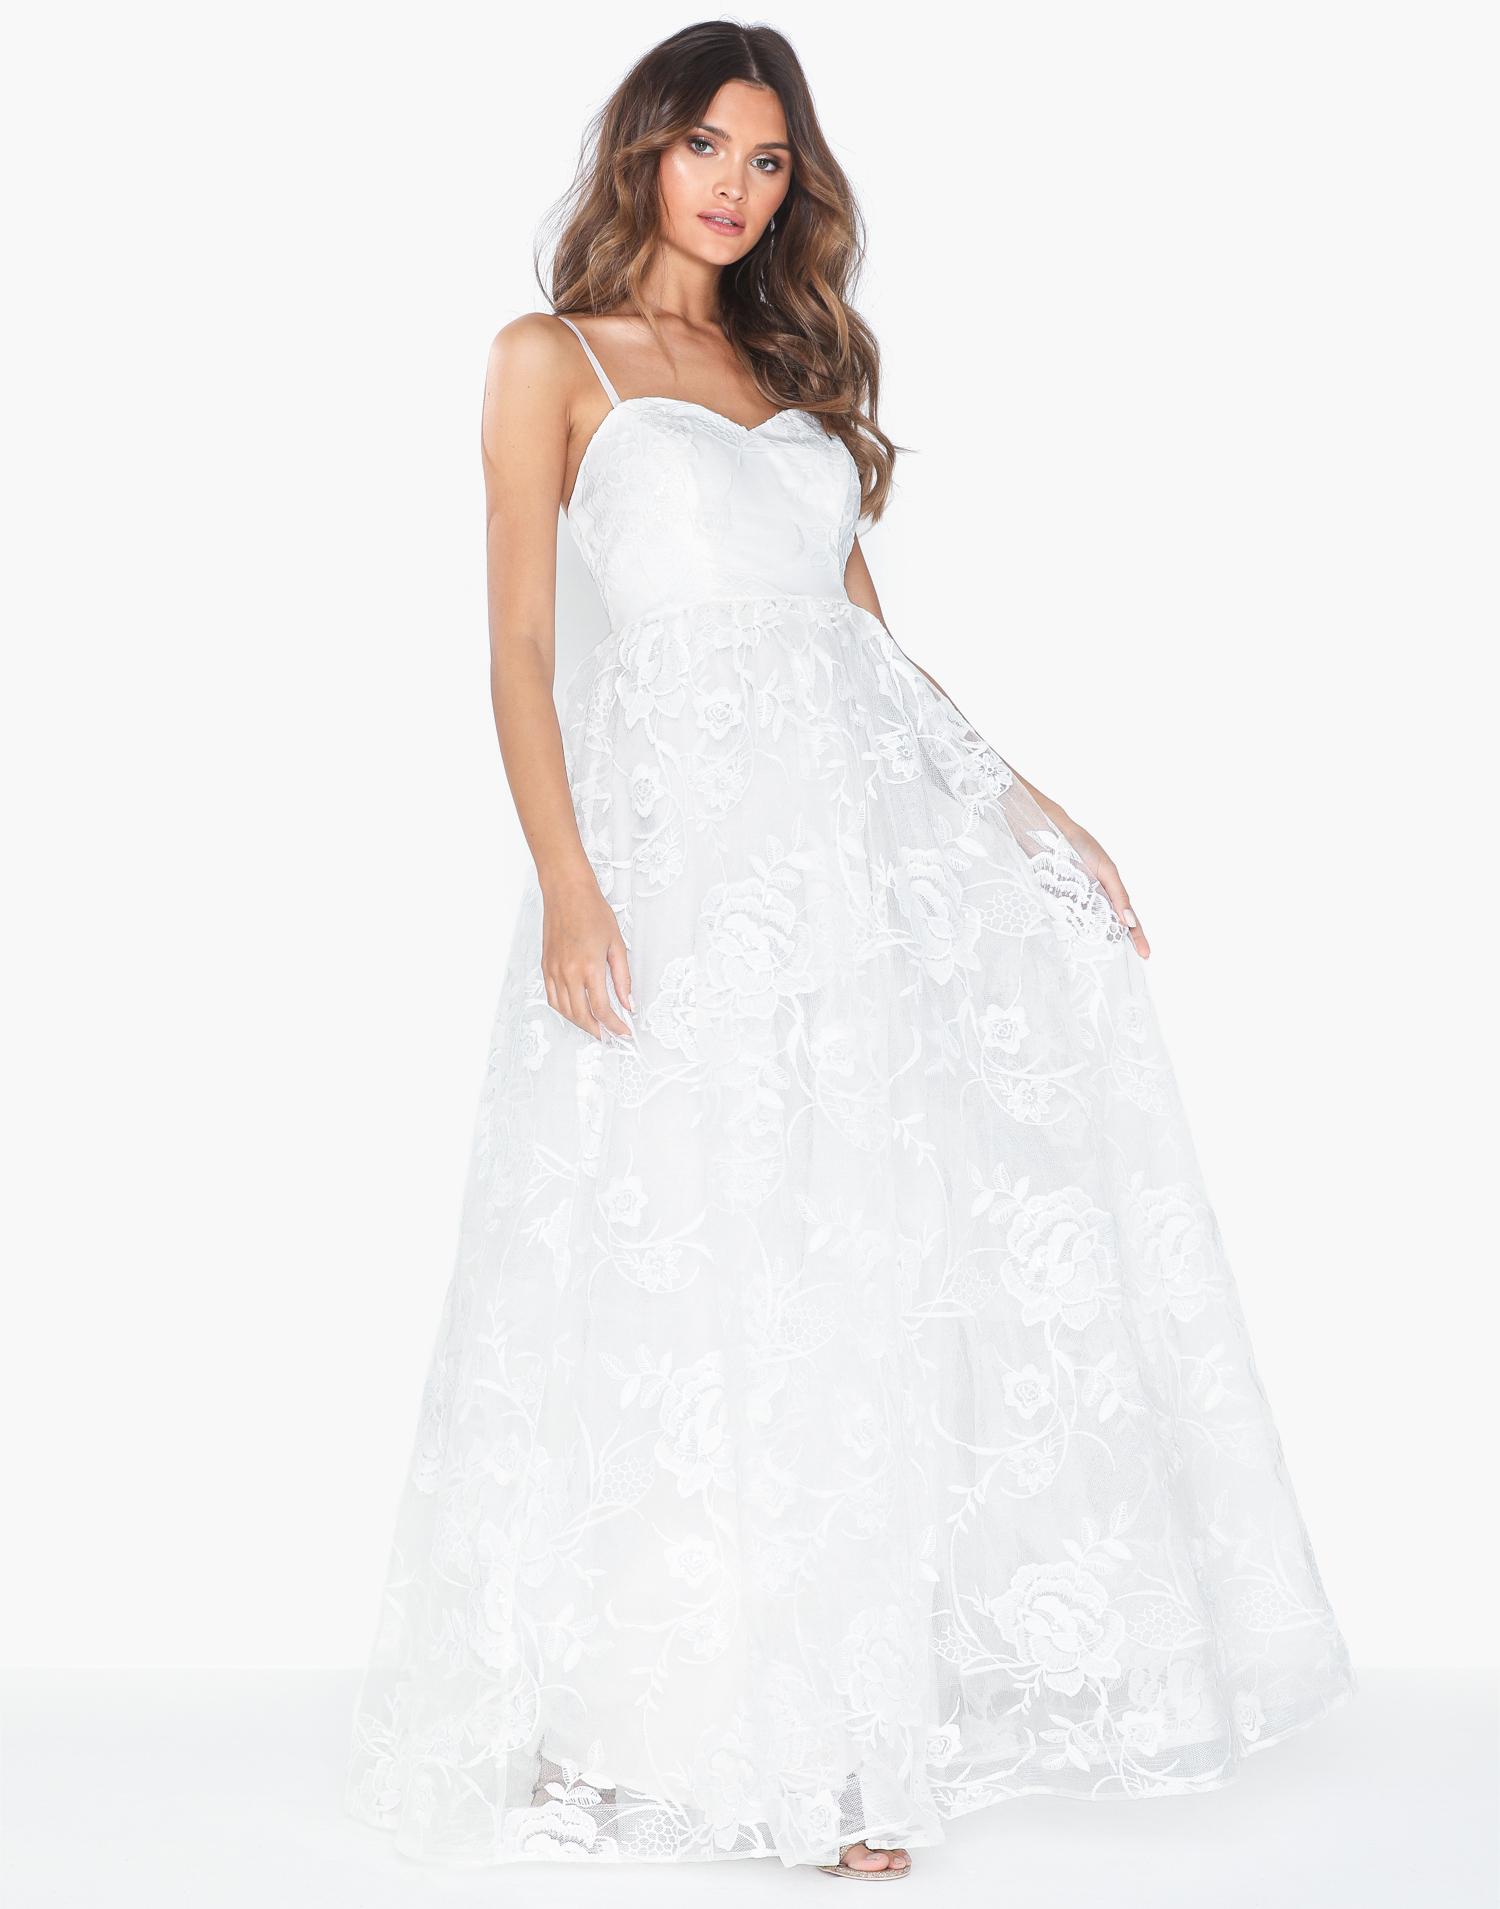 enkel billig brudklänning med spets